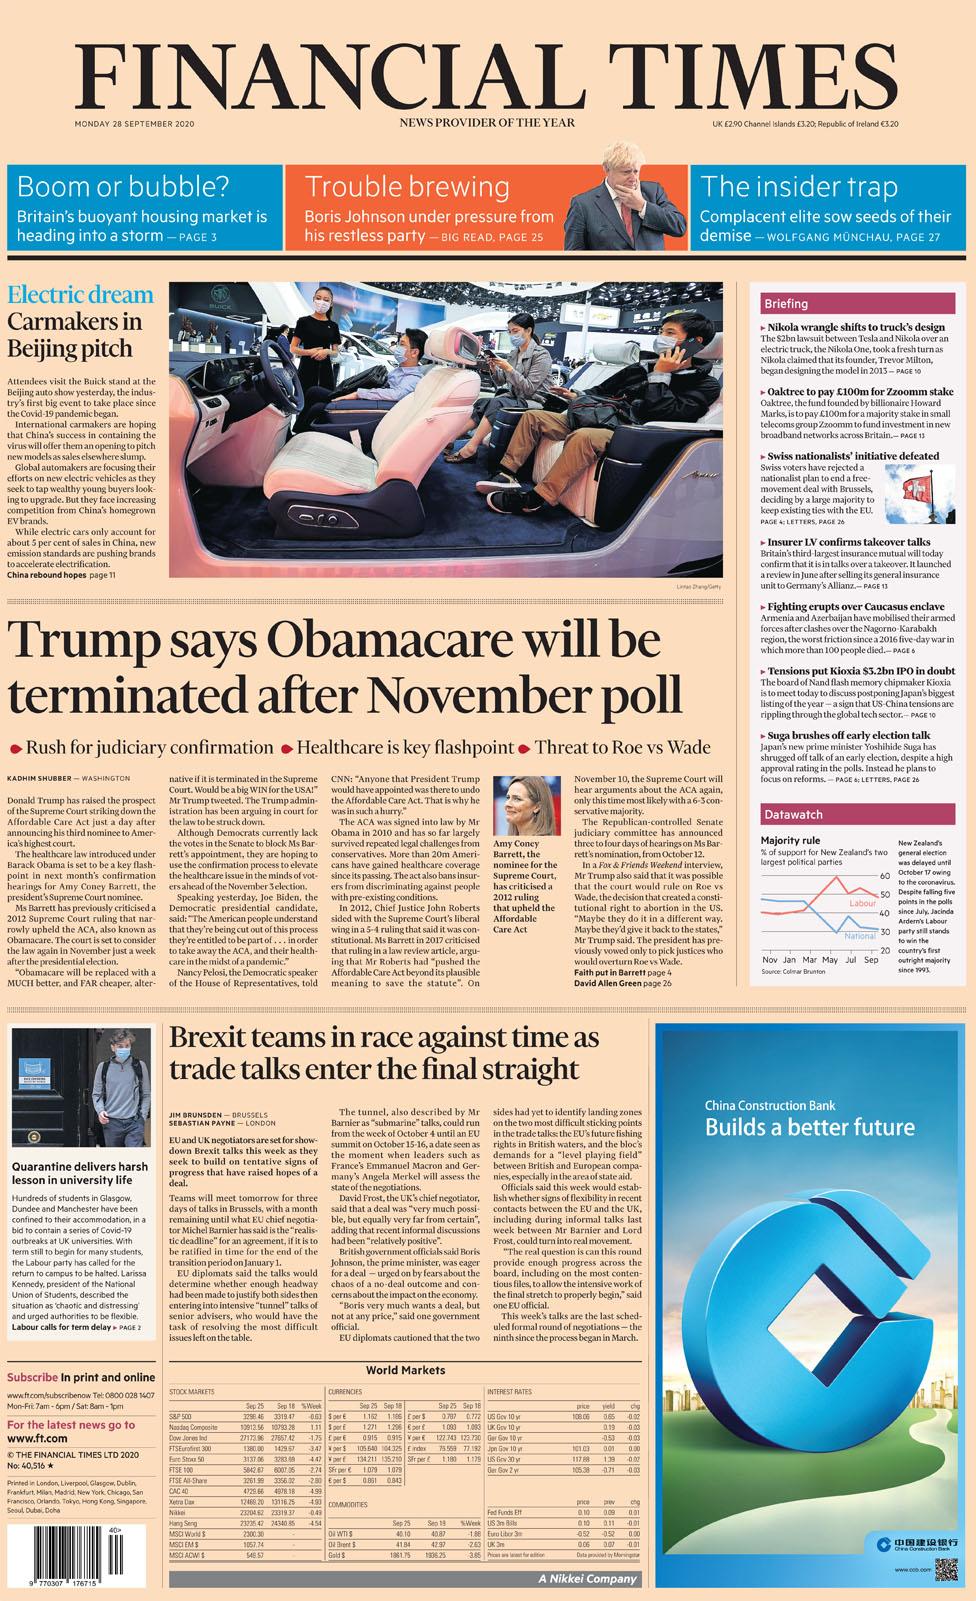 Financial Times Monday 28